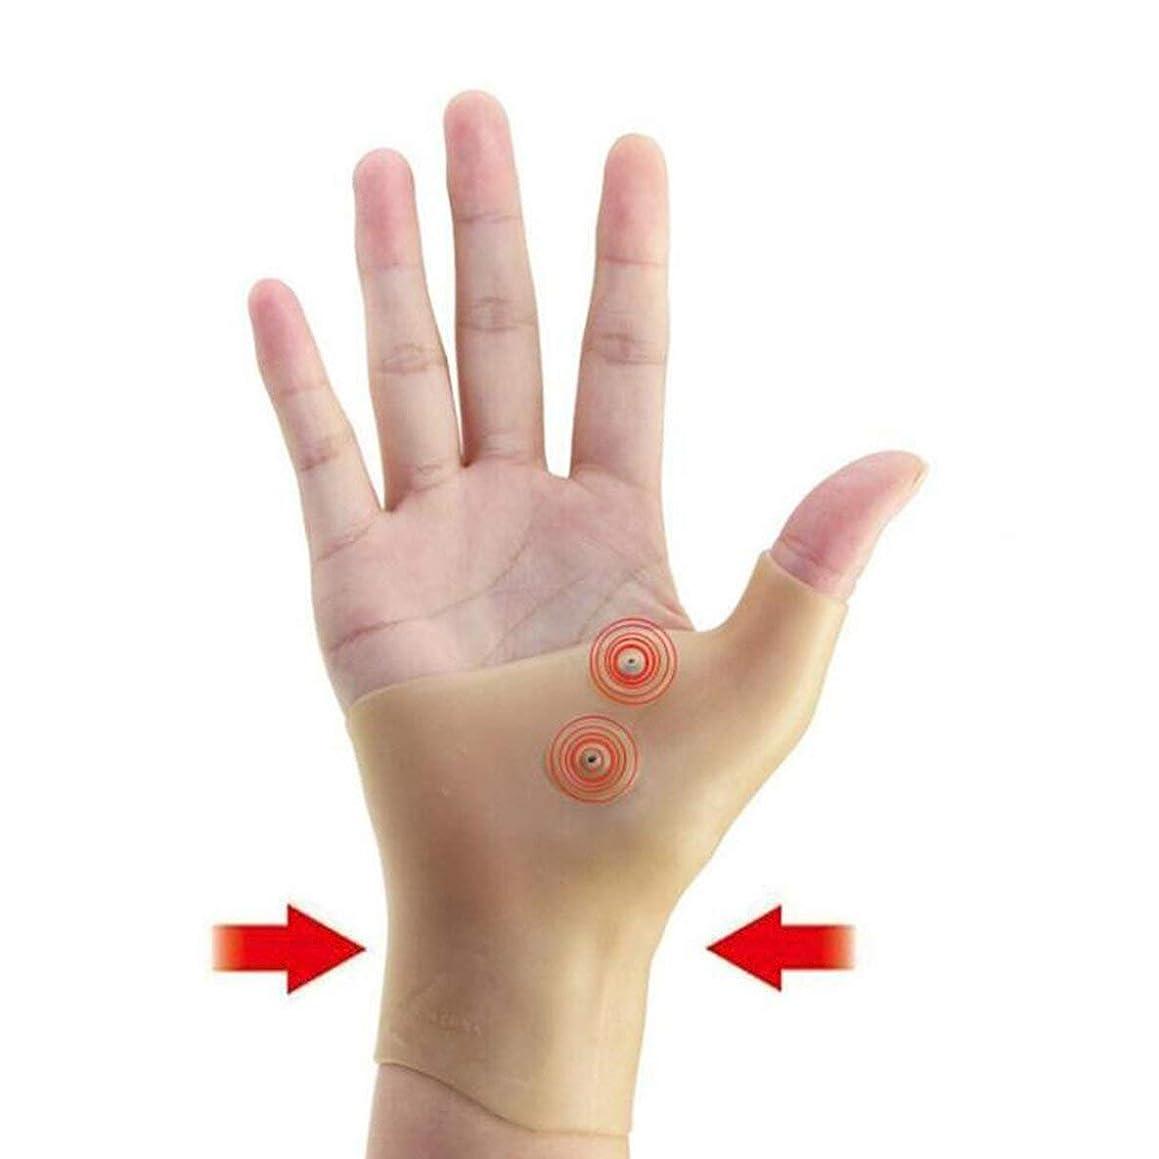 成長まどろみのある告白する磁気療法手首手親指サポート手袋シリコーンゲル関節炎圧力矯正器マッサージ痛み緩和手袋 - 肌の色